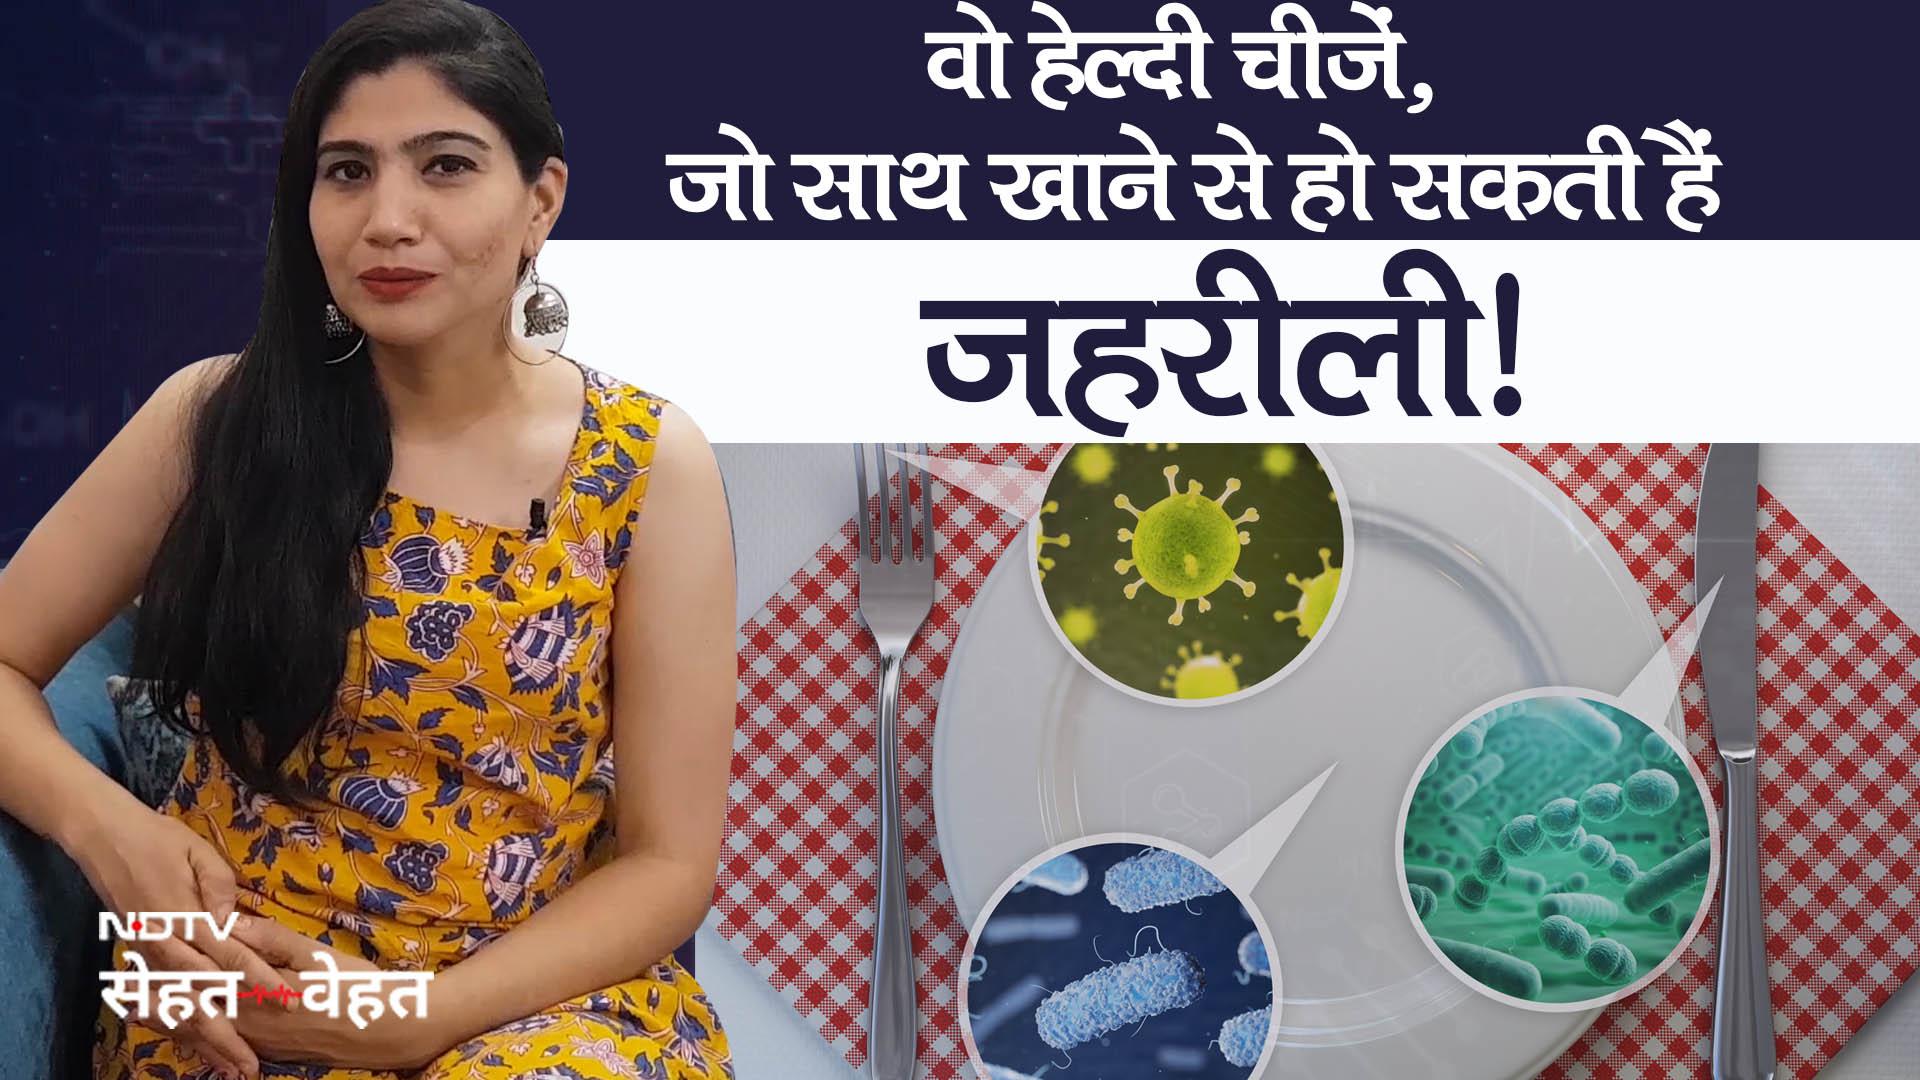 Video : Ayurveda Food Combining: इन चीजों को न खाएं साथ, हैं खतरनाक!